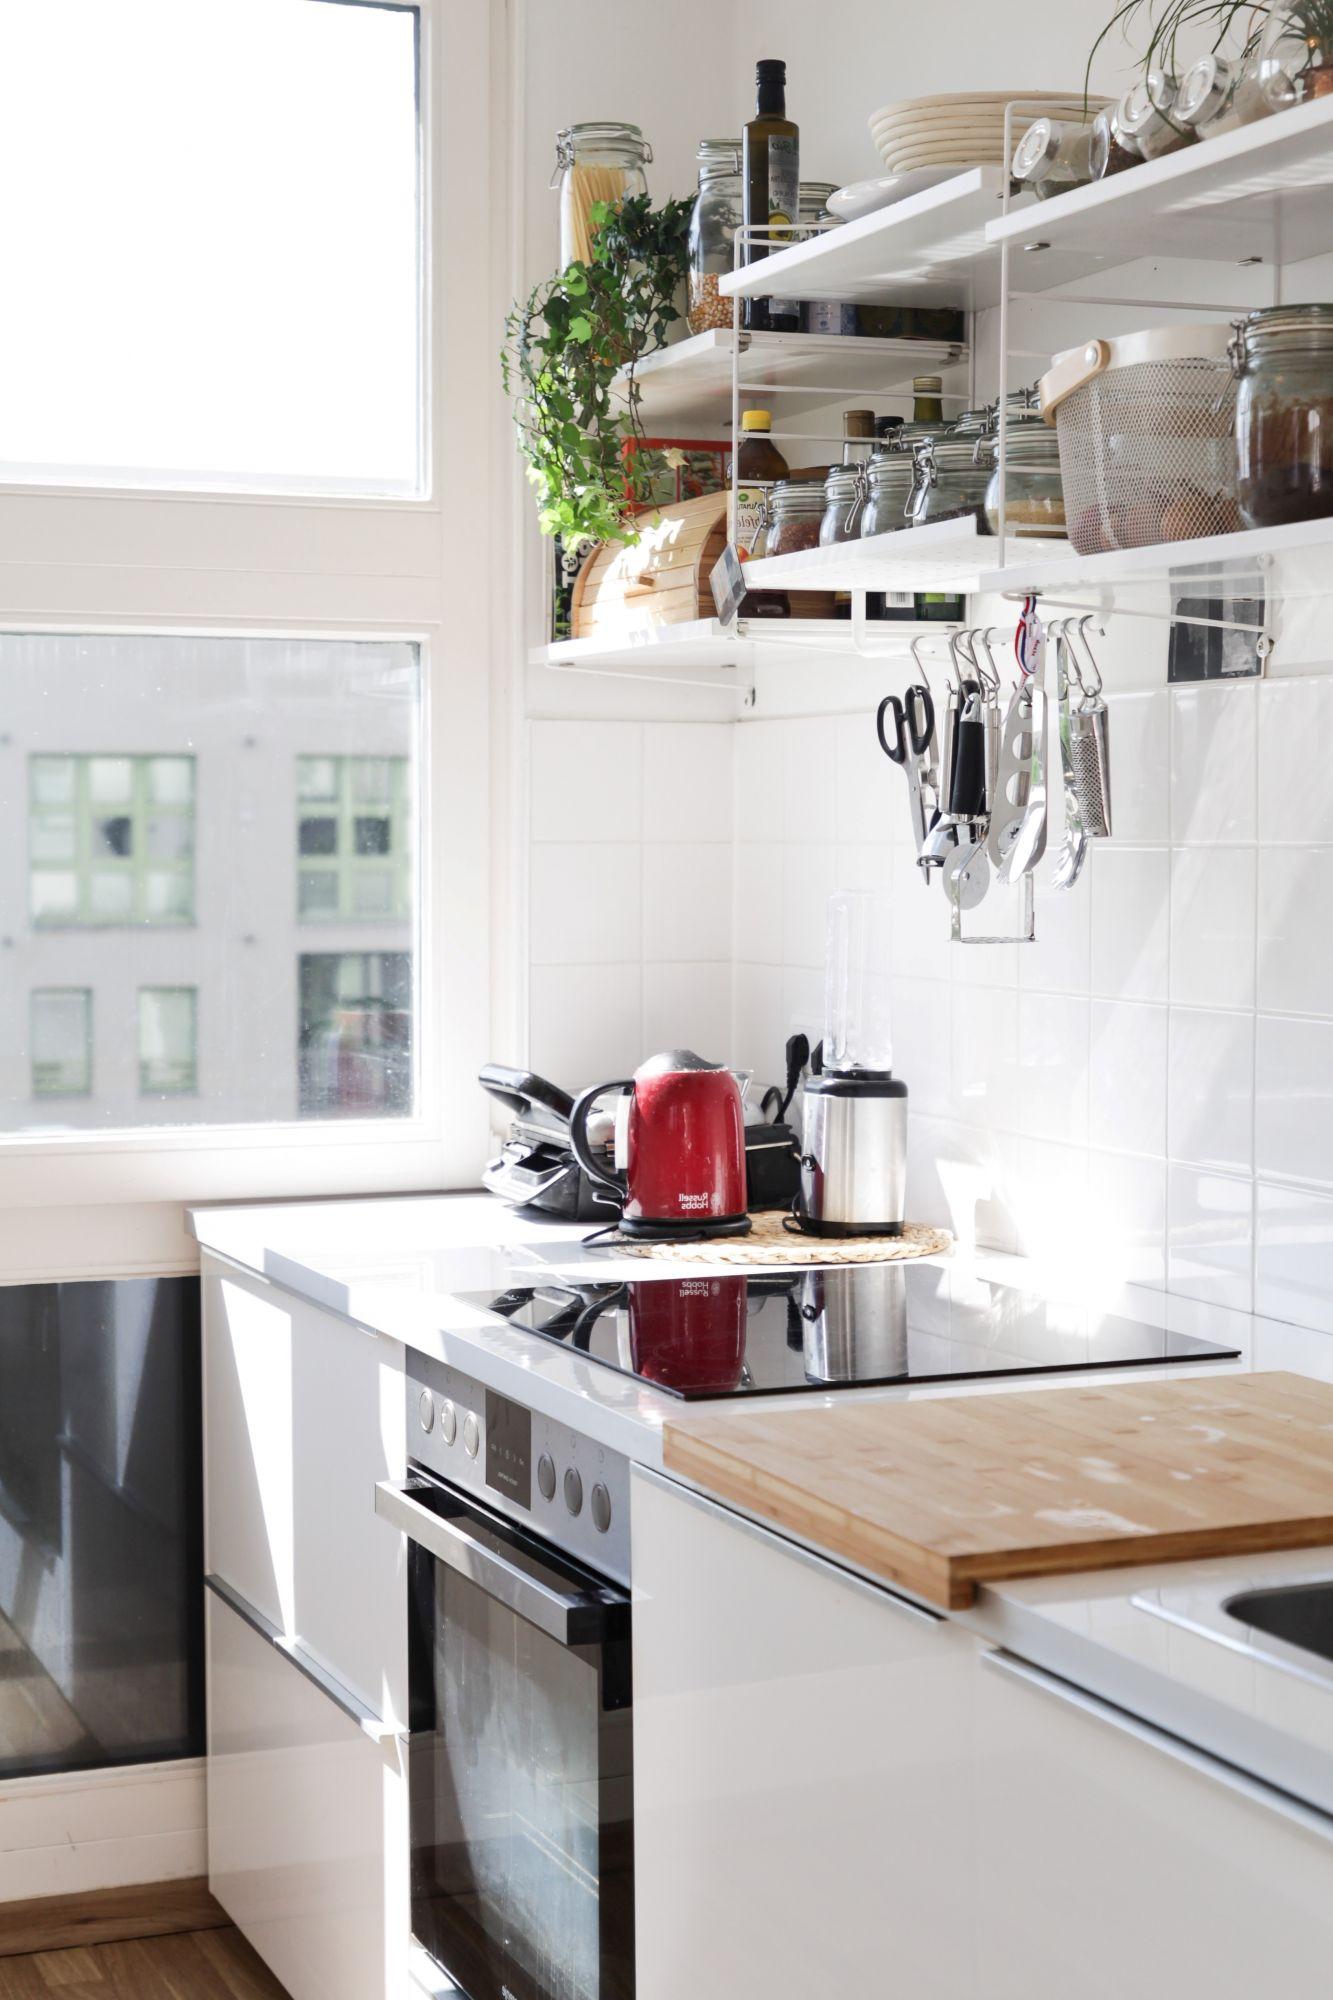 Accessori per la cucina: tagliere scorrevole sopra il lavandino